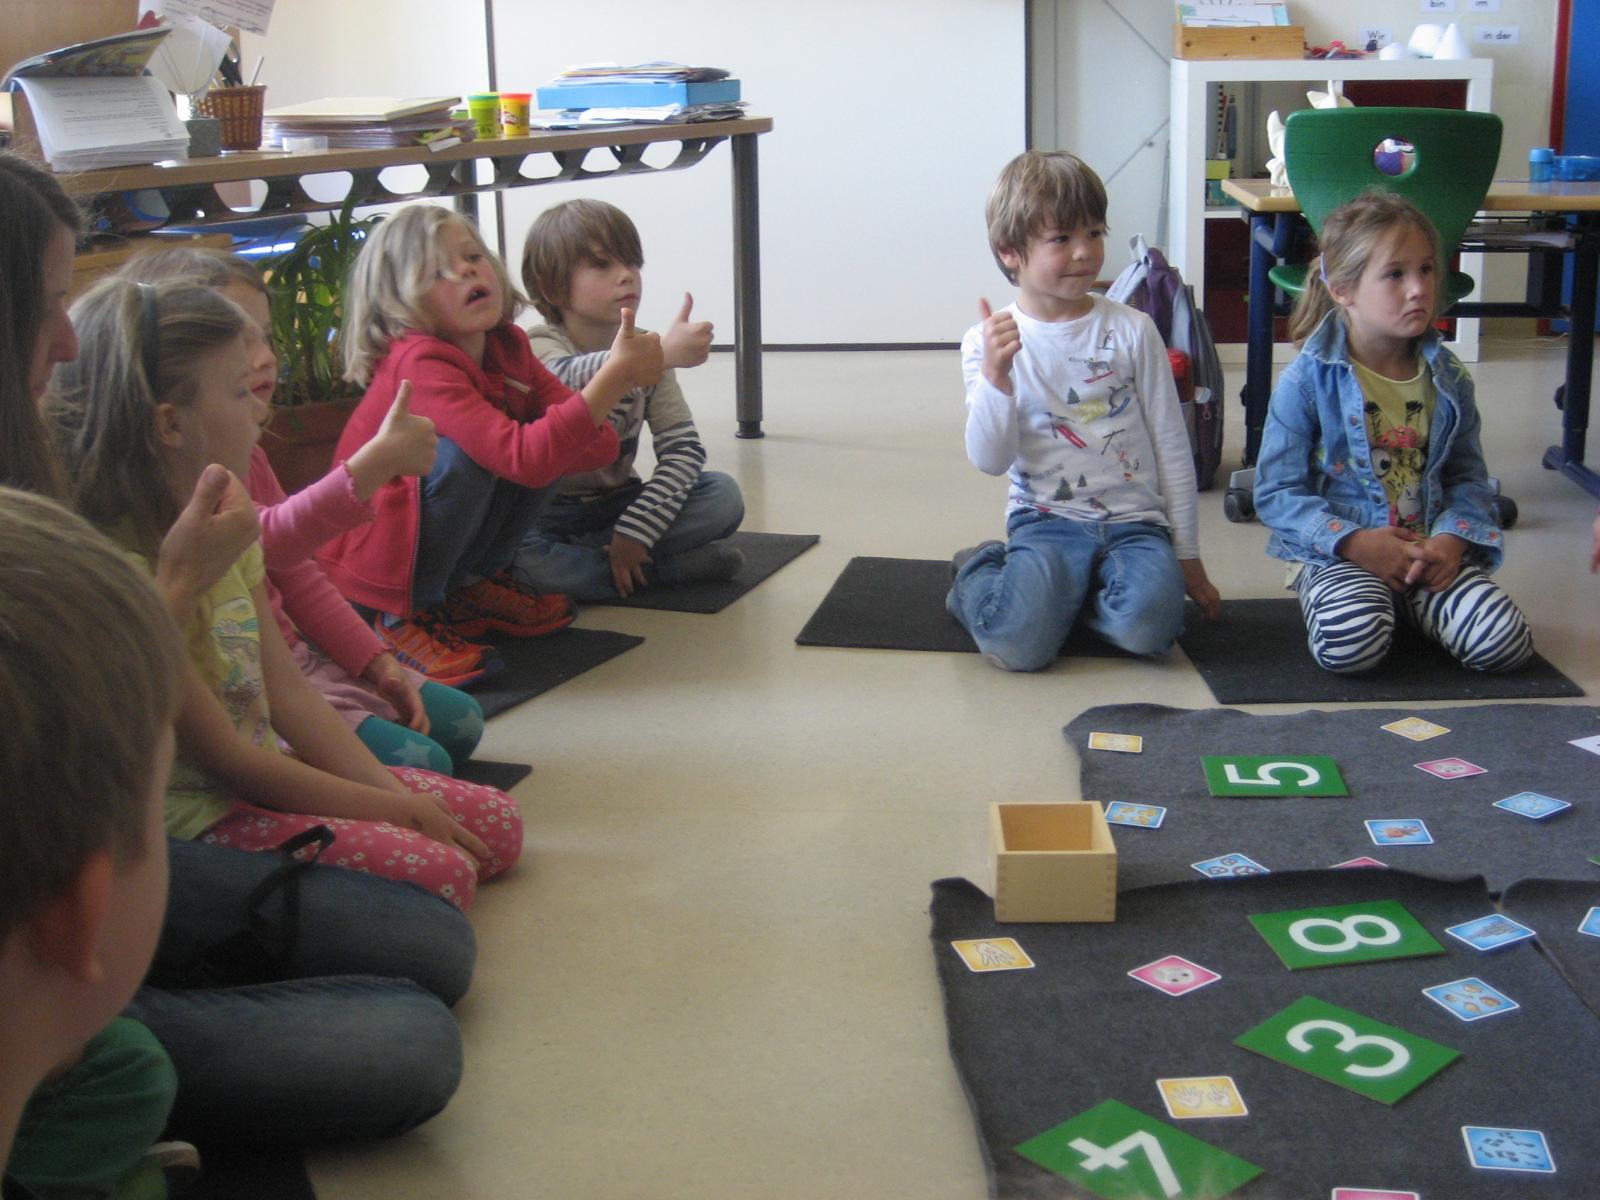 VSMarein_Besuch_Kindergarten_01.jpg